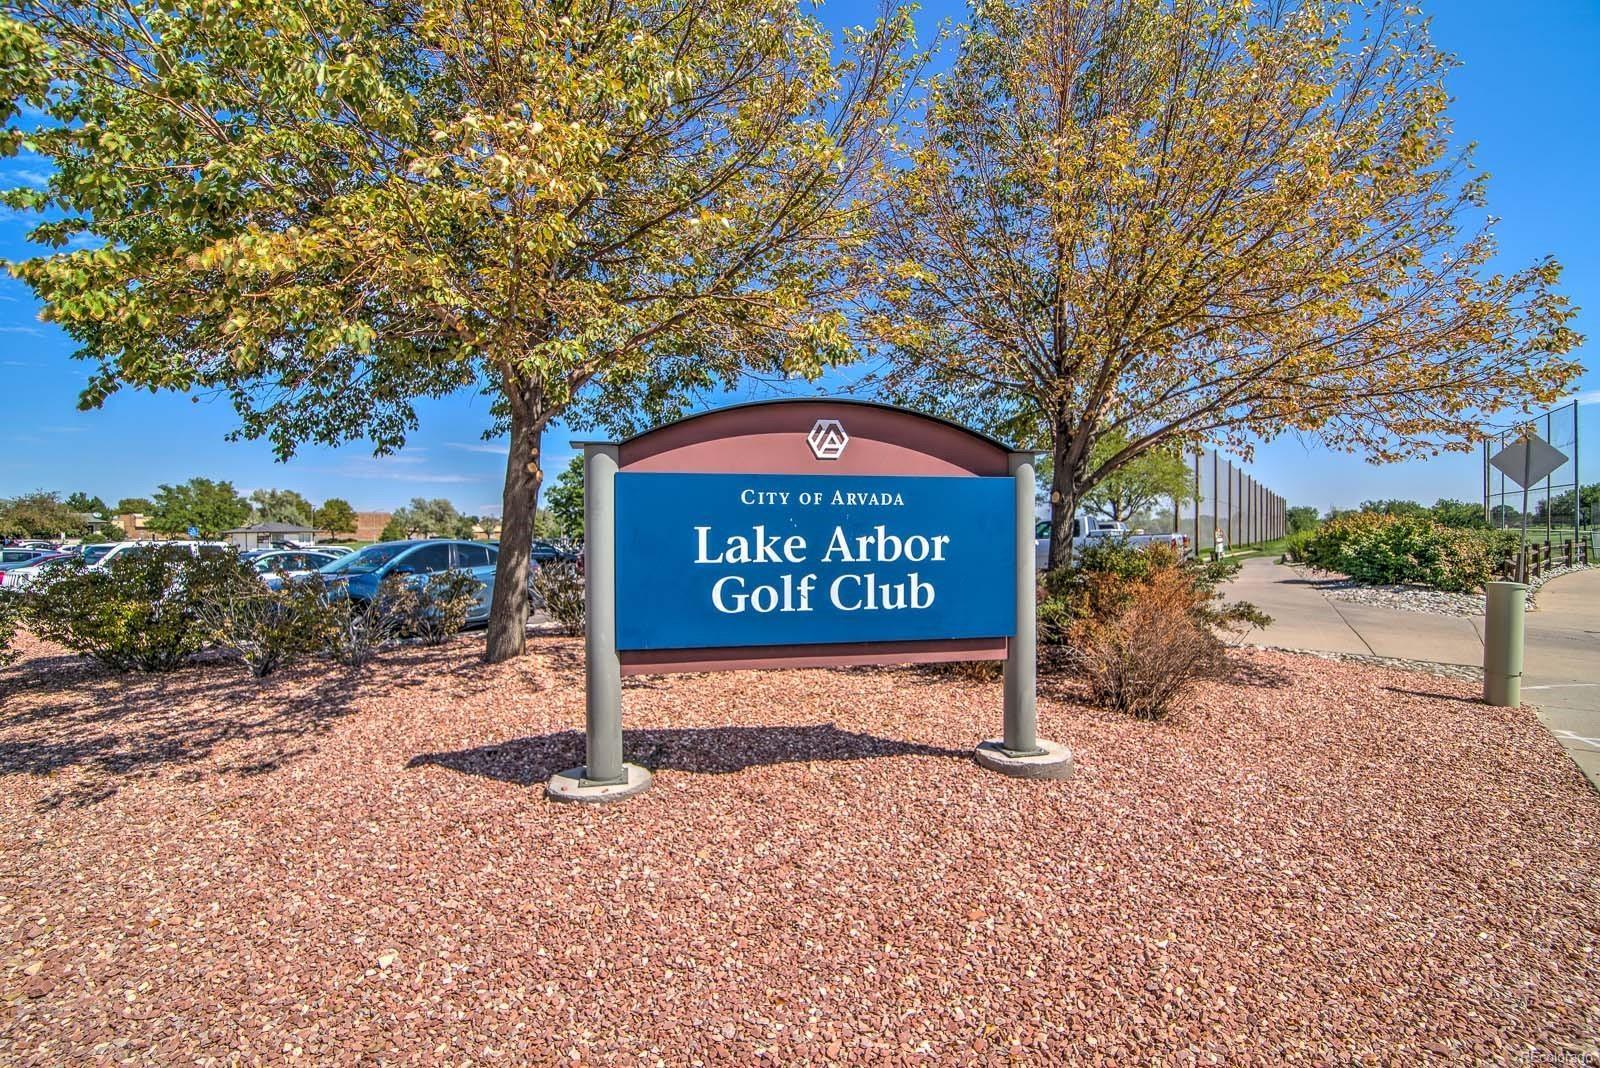 MLS# 8691138 - 23 - 8189 Benton Way, Arvada, CO 80003